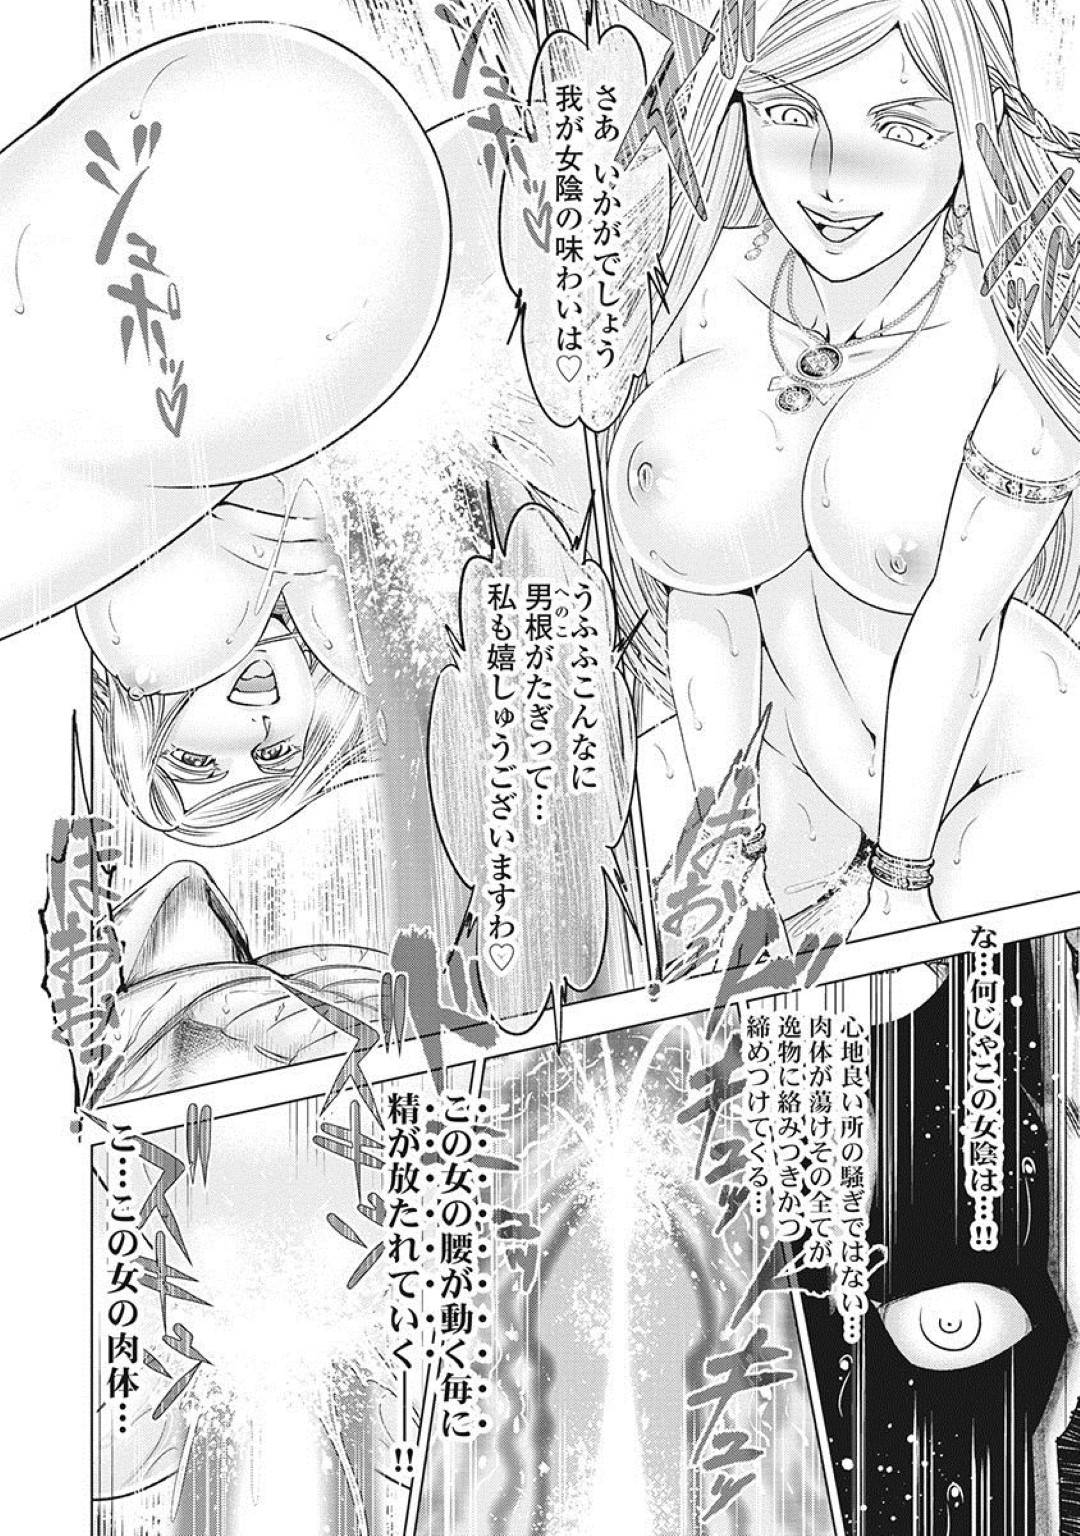 【エロ漫画】宿敵である男と決着をつけるために対峙した歩き巫女のお姉さん。淫気を高めて余裕のある彼女はデカマラな彼を圧倒するように騎乗位で跨って勝負を優位に持ち込む。